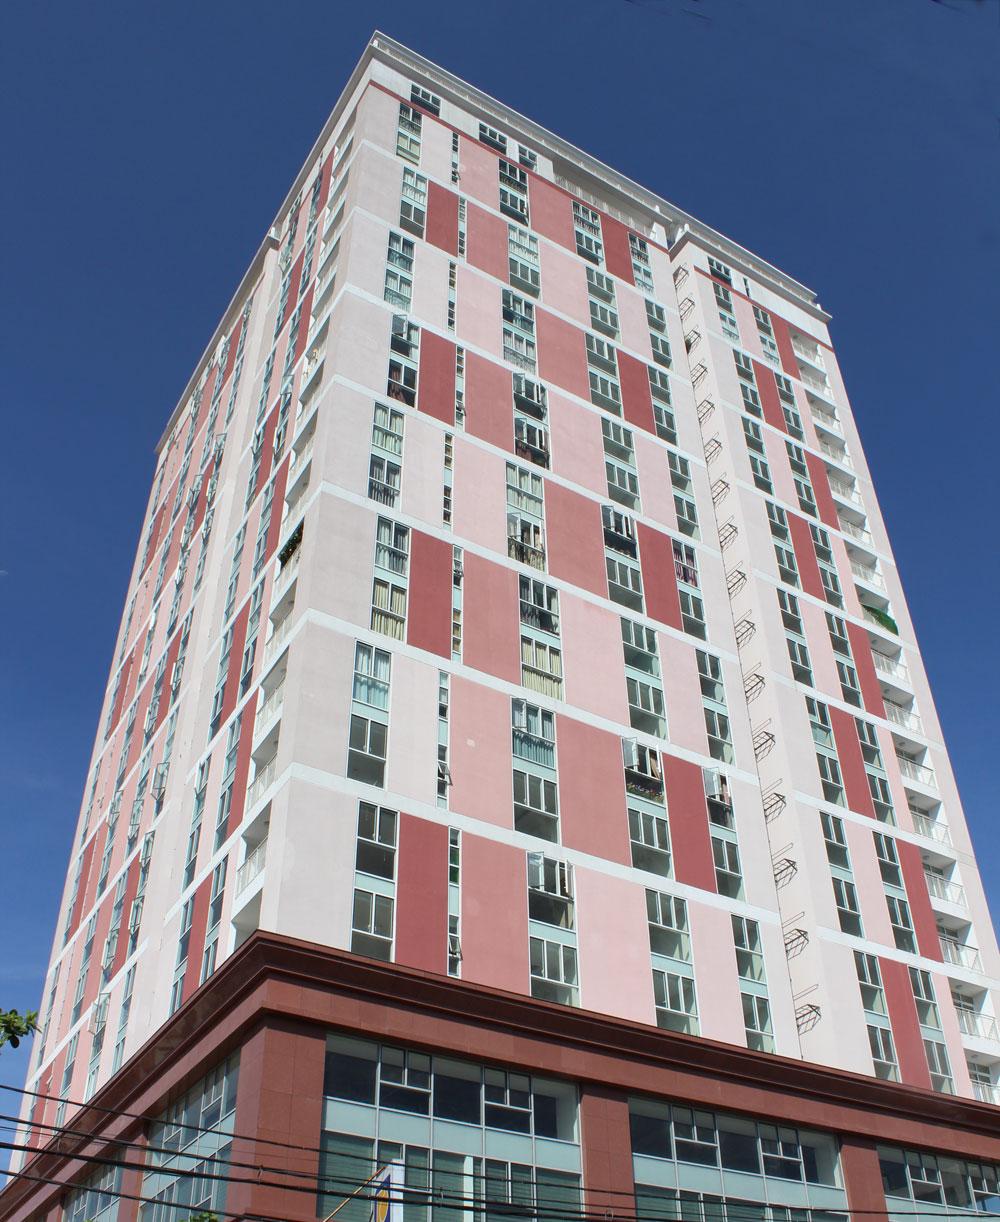 Báo giá cho thuê căn hộ chung cư Thanh Đa View 25